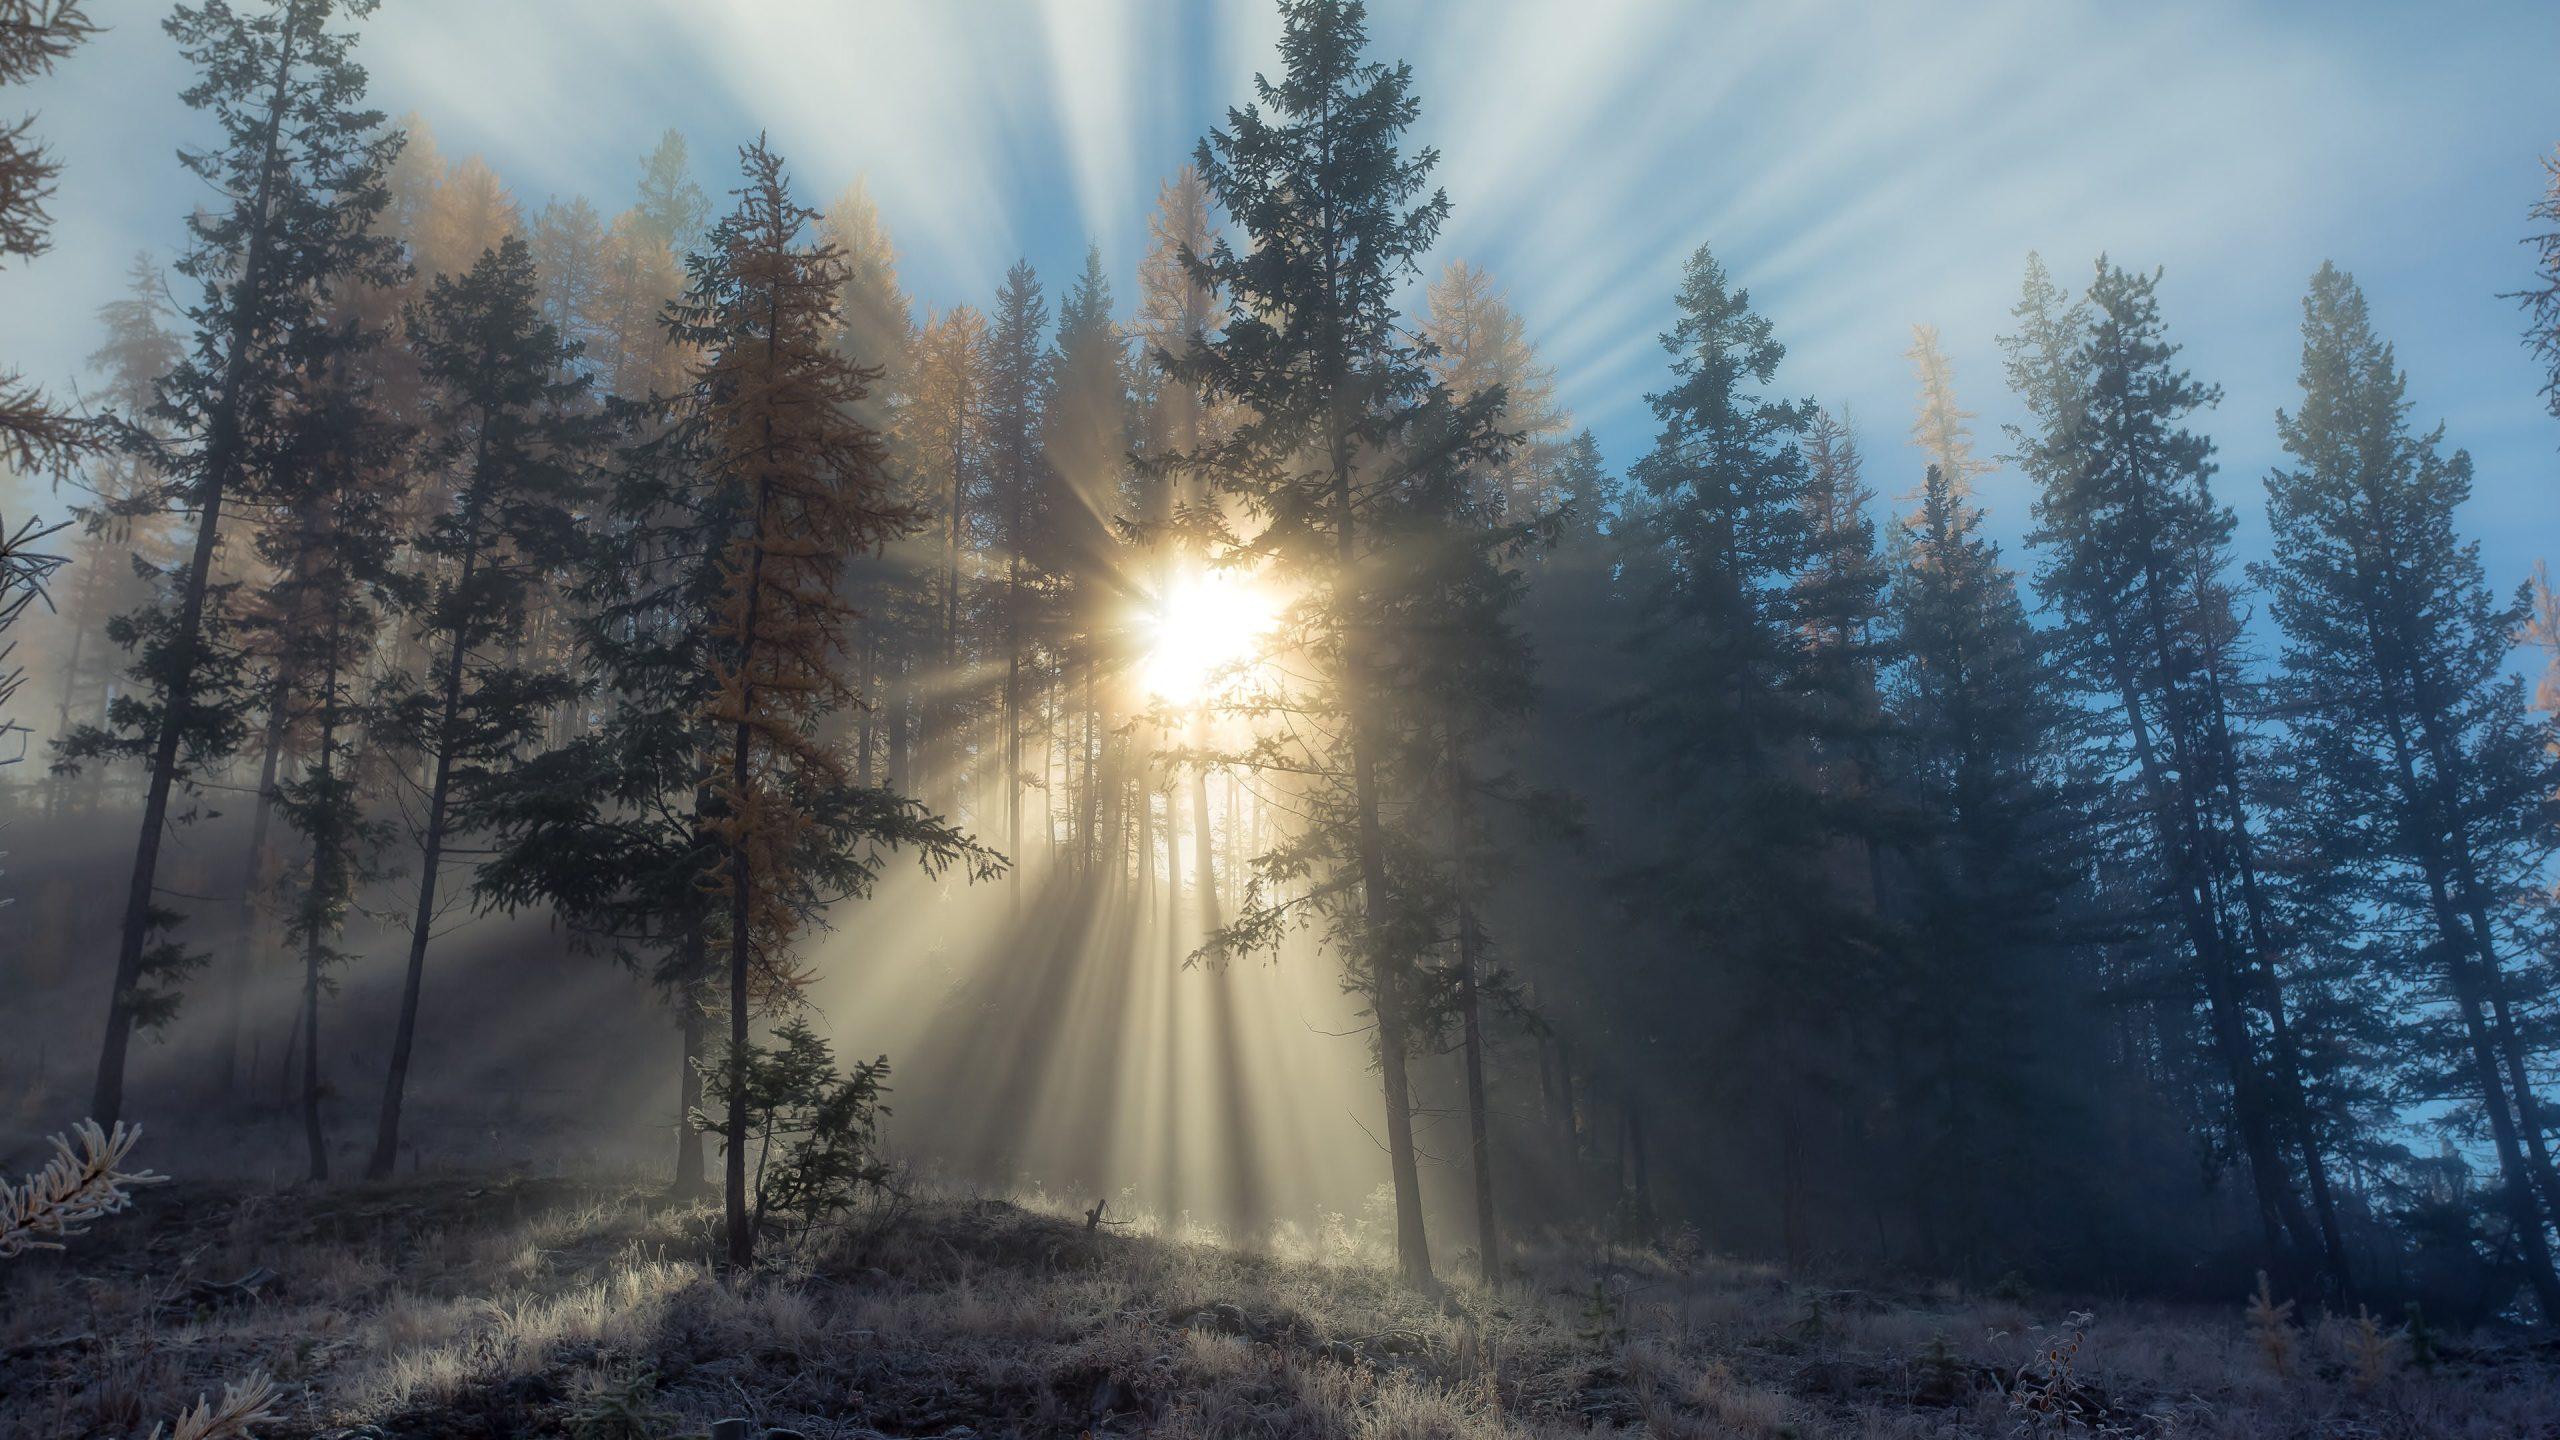 Hình Nền Mặt Trời Mọc Sau Rừng Cây Chất Lượng 4k Tuyệt đẹp